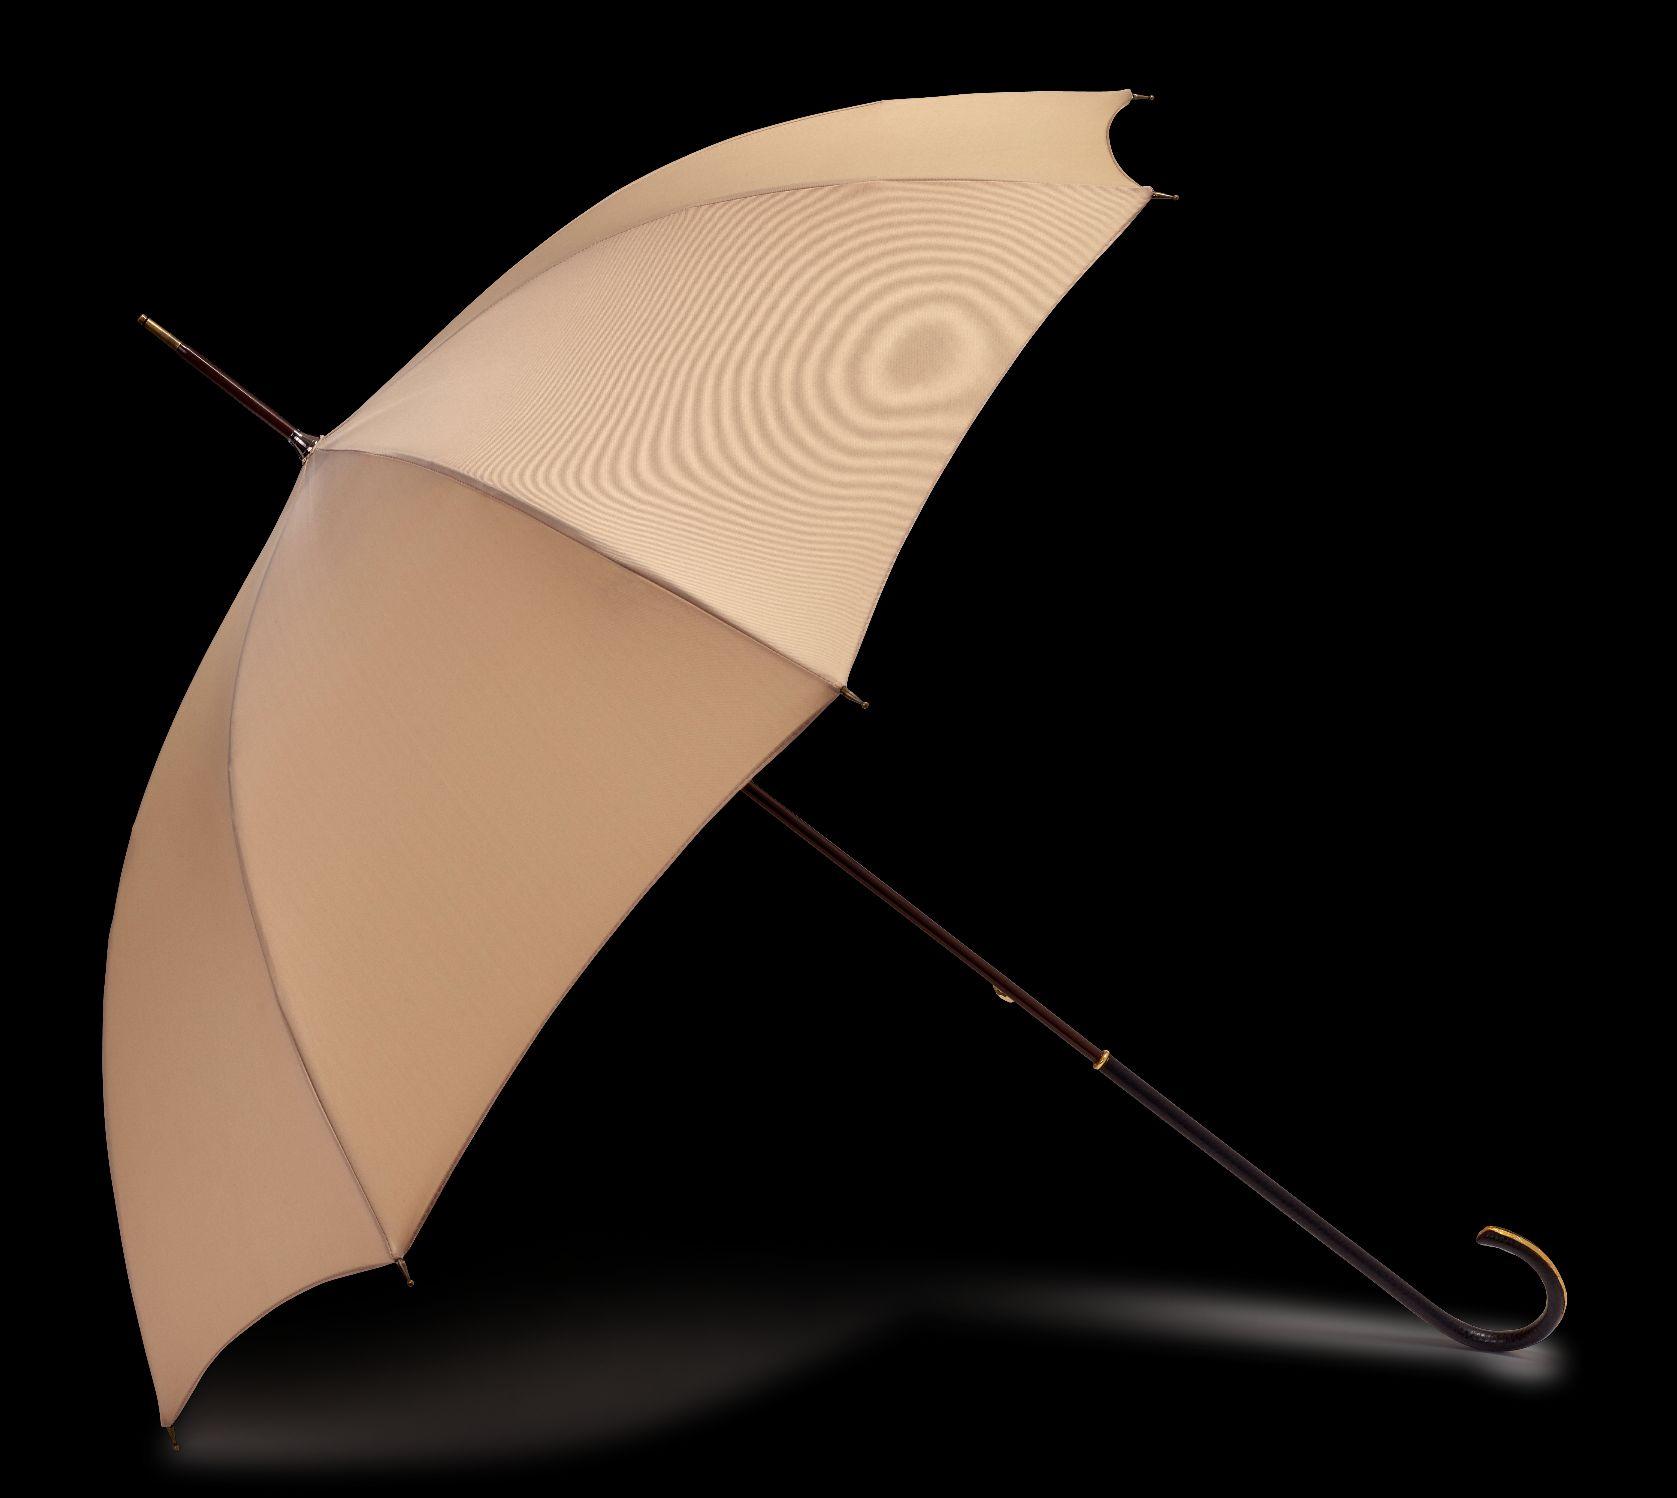 parapluie.jpeg